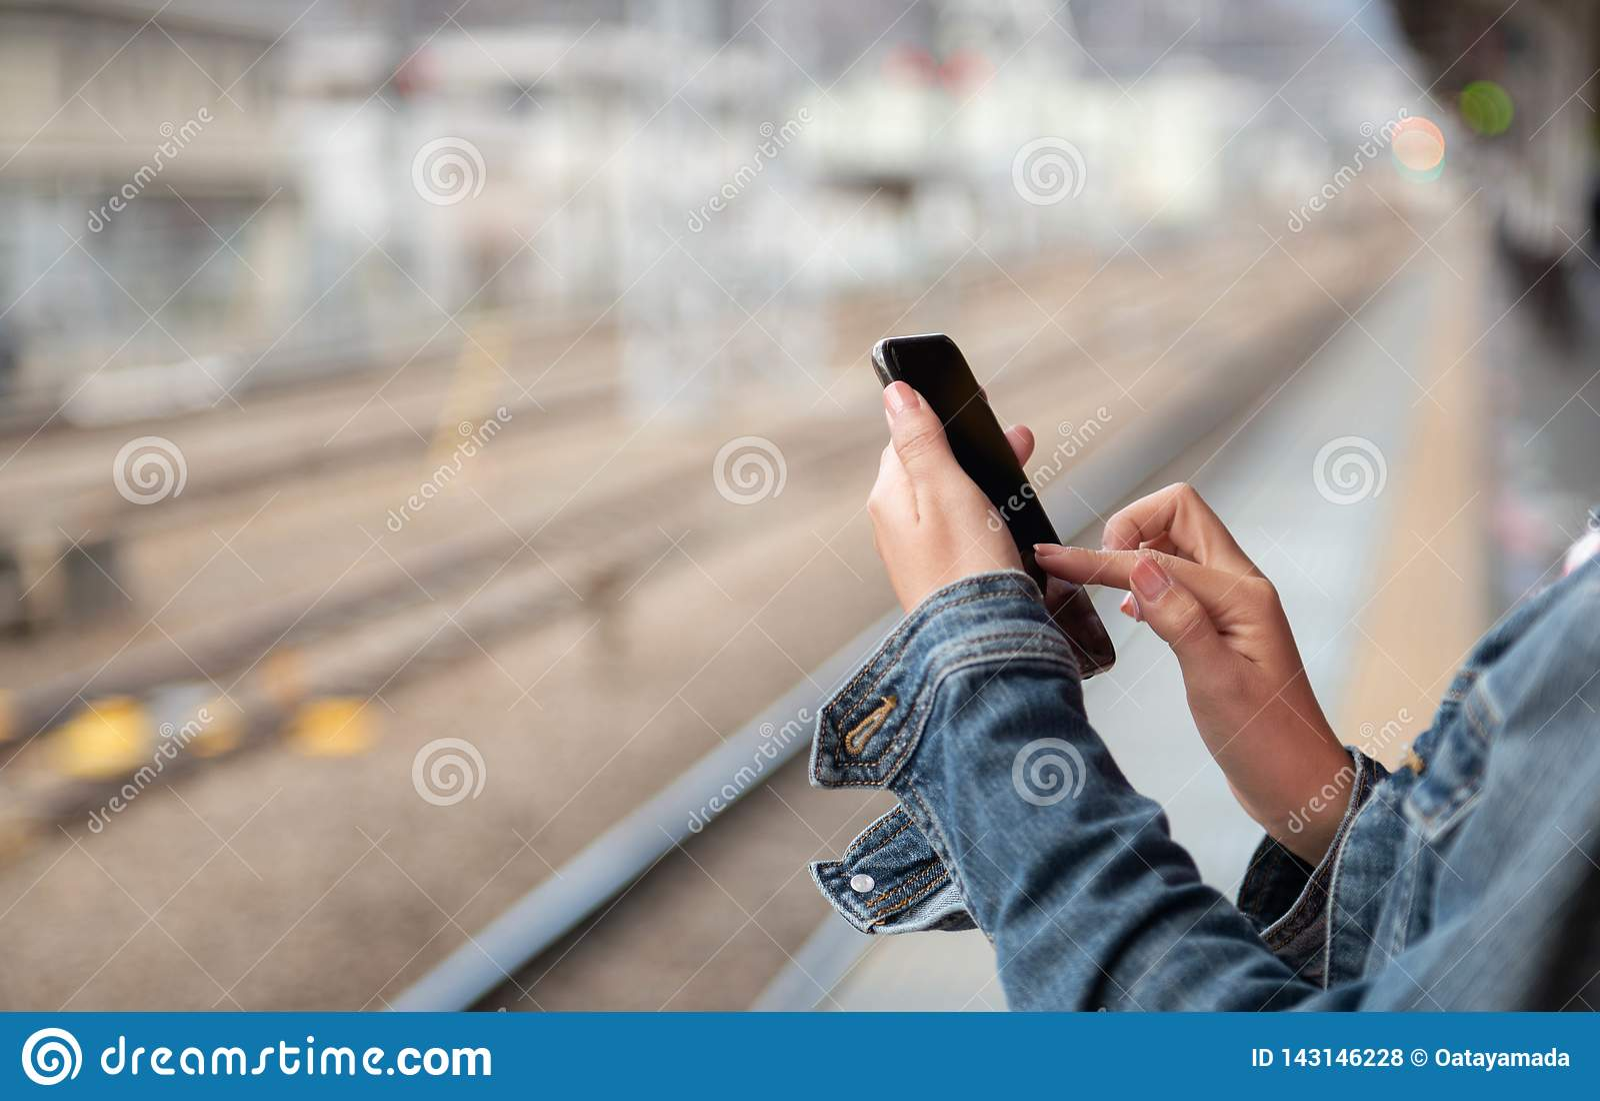 Kobieta jest czytelniczym wiadomością tekstową na telefonie komórkowym